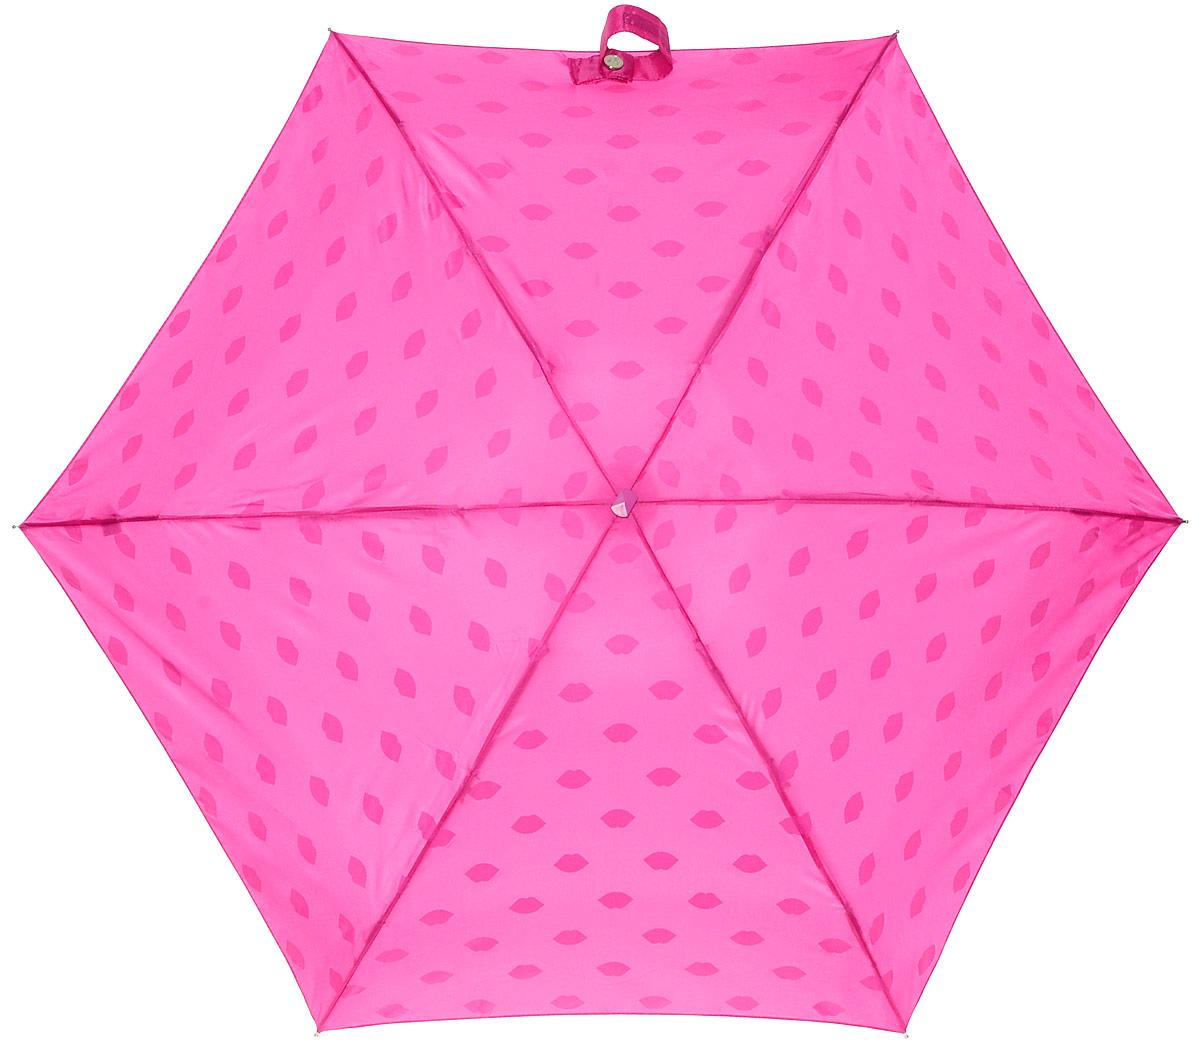 Зонт женский Lulu Guinness Tiny, механический, 5 сложений, цвет: фуксия, белый. L717-2781Колье (короткие одноярусные бусы)Стильный механический зонт Lulu Guinness Tiny в 5 сложений даже в ненастную погоду позволит вам оставаться элегантной. Облегченный каркас зонта выполнен из 6 спиц из фибергласса и алюминия, стержень также изготовлен из алюминия, удобная рукоятка - из пластика. Купол зонта выполнен из прочного полиэстера. В закрытом виде застегивается хлястиком на липучке. Яркий оригинальный принт в виде изображения губ поднимет настроение в дождливый день.Зонт механического сложения: купол открывается и закрывается вручную до характерного щелчка.На рукоятке для удобства есть небольшой шнурок, позволяющий надеть зонт на руку тогда, когда это будет необходимо. К зонту прилагается чехол с небольшой нашивкой с названием бренда. Такой зонт компактно располагается в кармане, сумочке, дверке автомобиля.